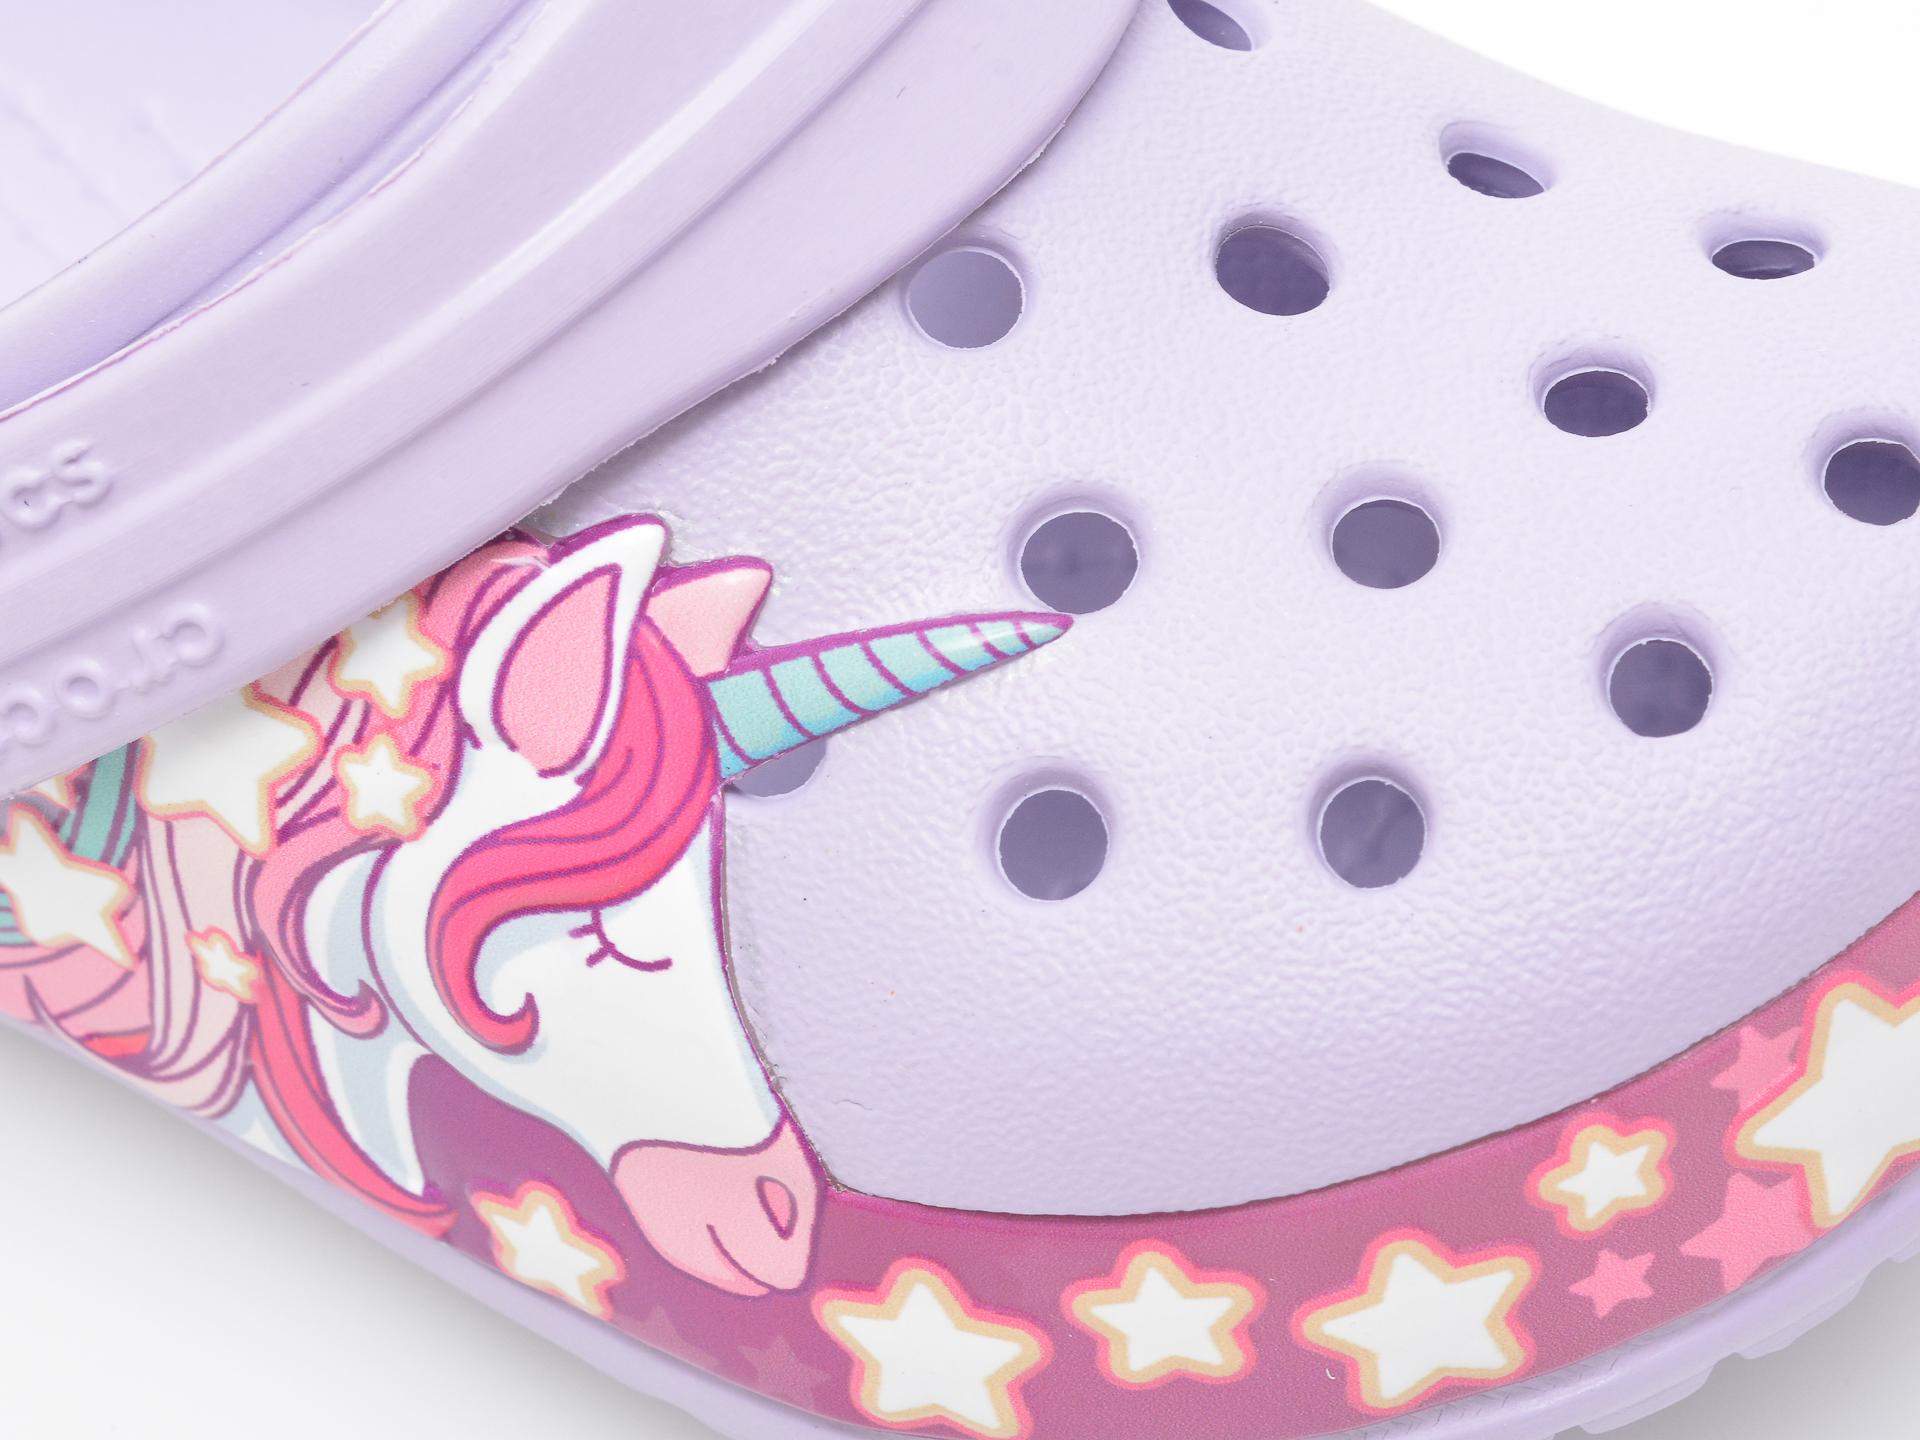 Saboti CROCS mov, Crocs Funlab Unicorn Band Cg K, din pvc - 2